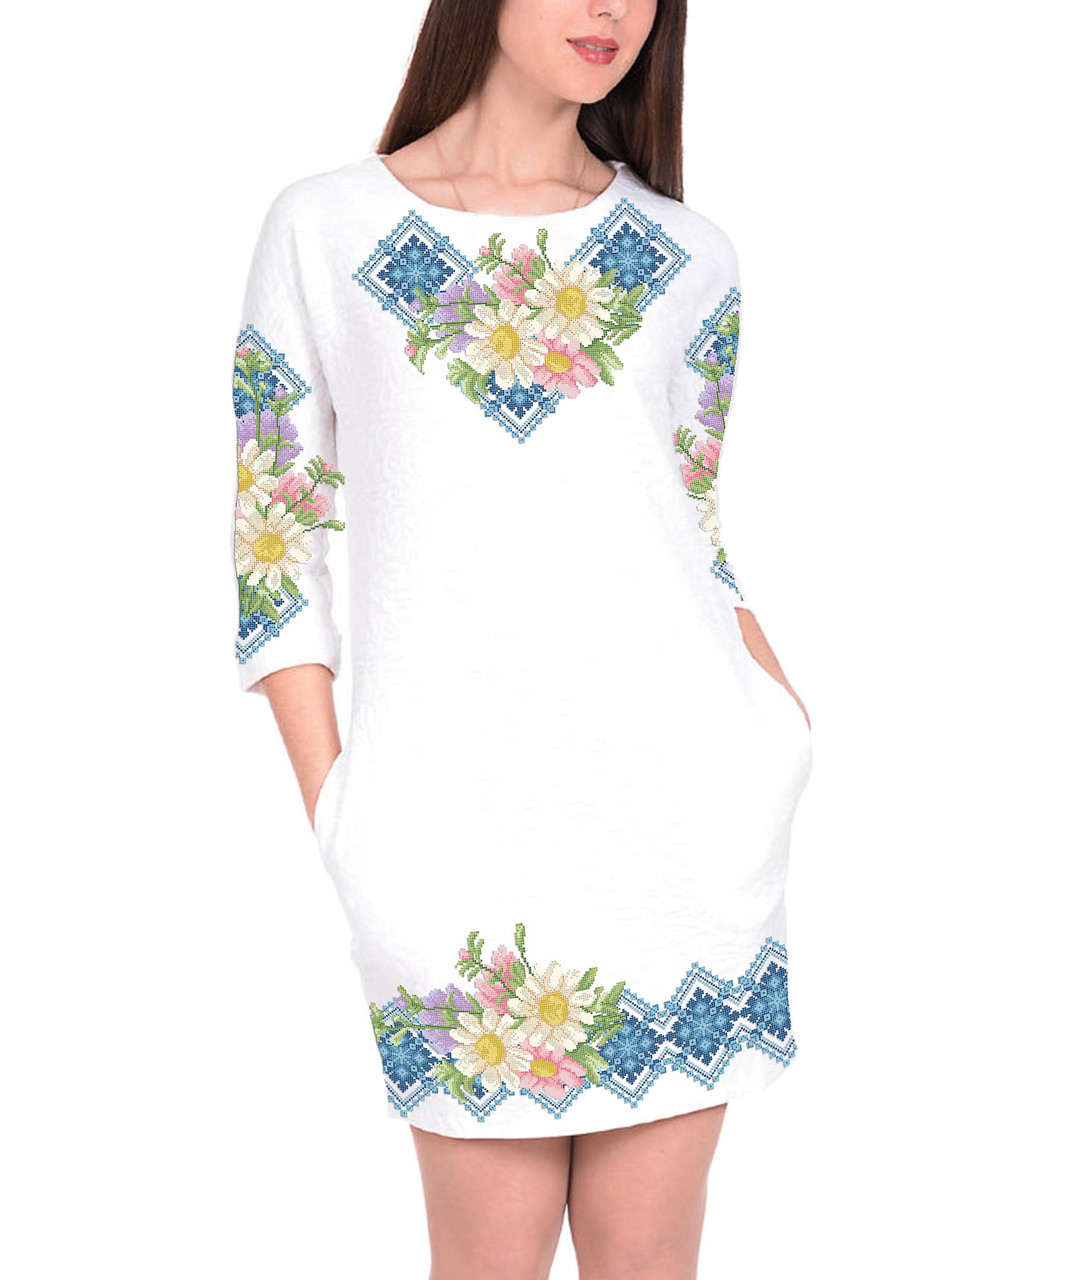 Заготовка жіночого плаття чи сукні для вишивки та вишивання бісером Бисерок  «Ромашки в гол орнаменті» (П-146г ) Габардин